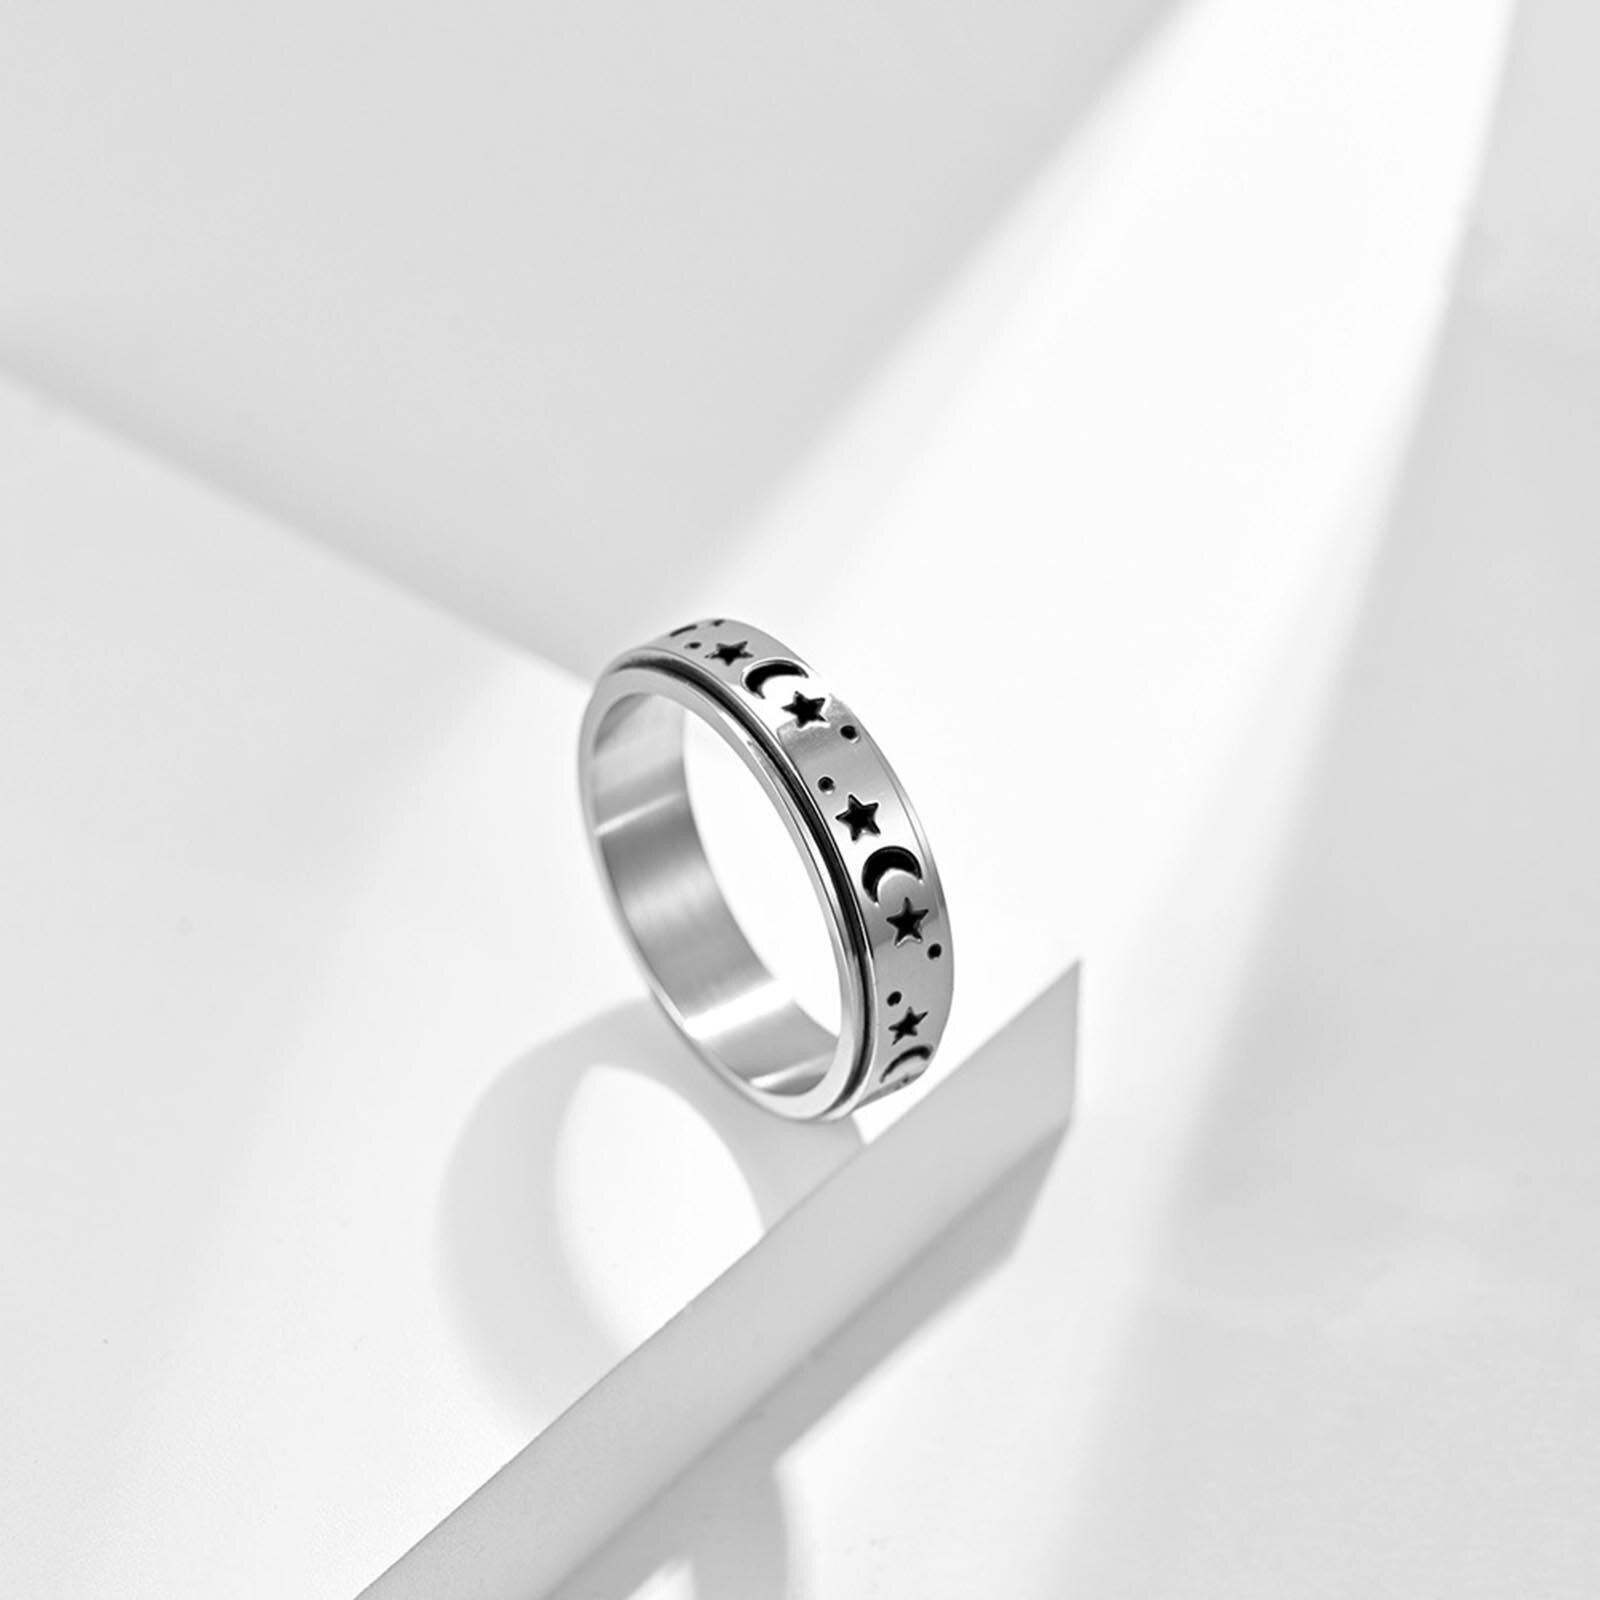 Модная вращающаяся цепь из нержавеющей стали, кольцо Для пар, кольцо с пескоструйной обработкой, кольцо, замечательный подарок, Бижутерия Д...